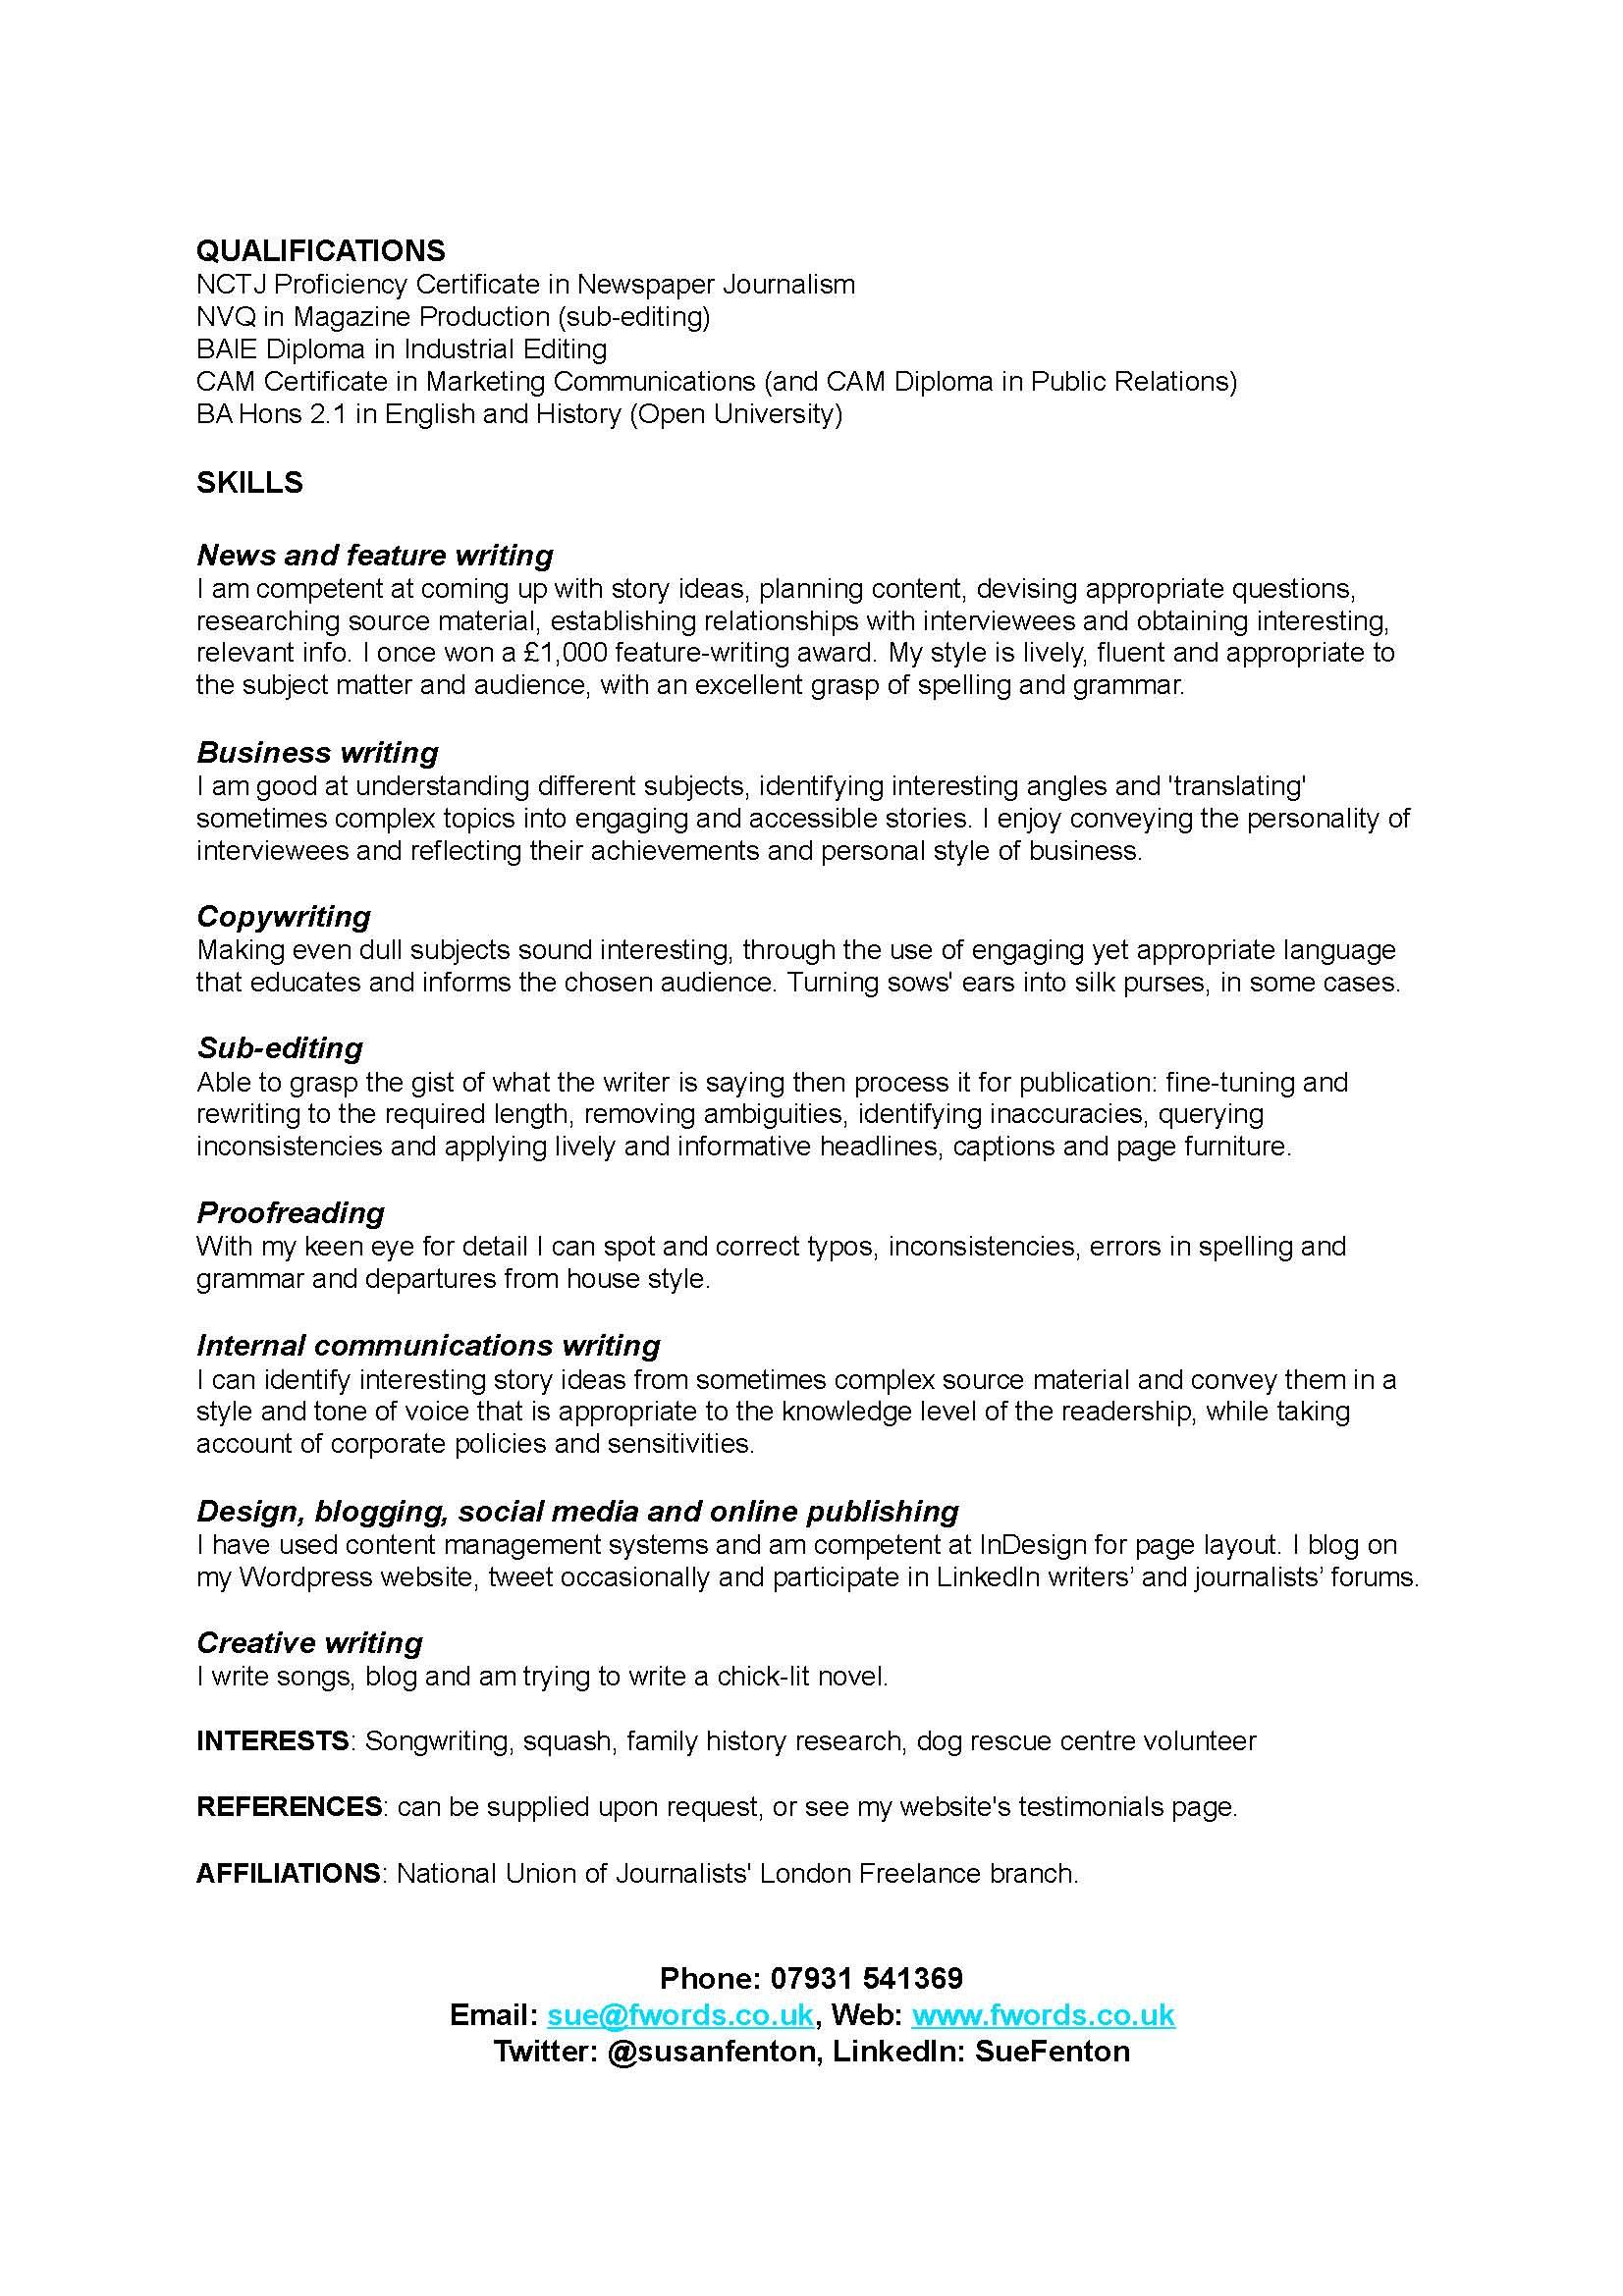 sue fenton CV january 2014_Page_2